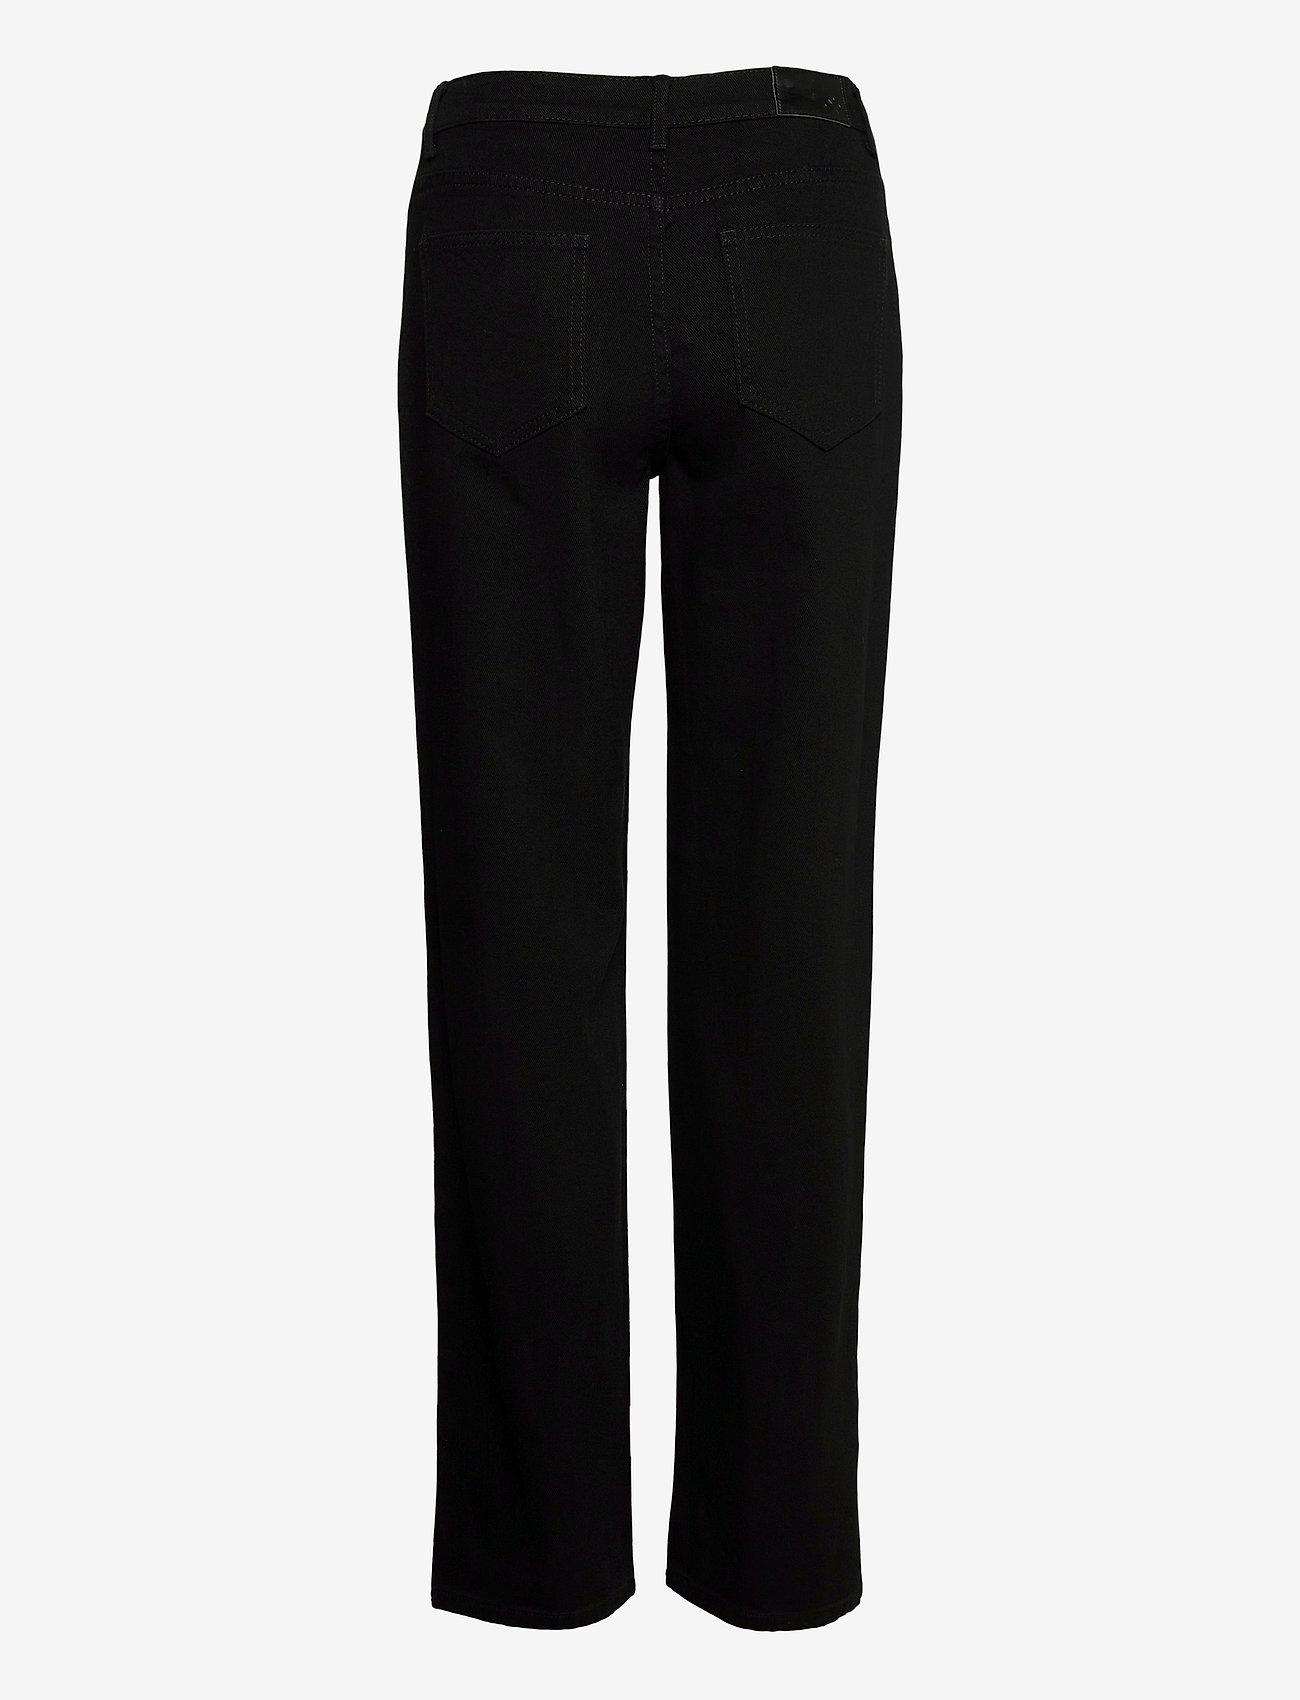 Modström - Elton jeans - mom jeans - black - 1